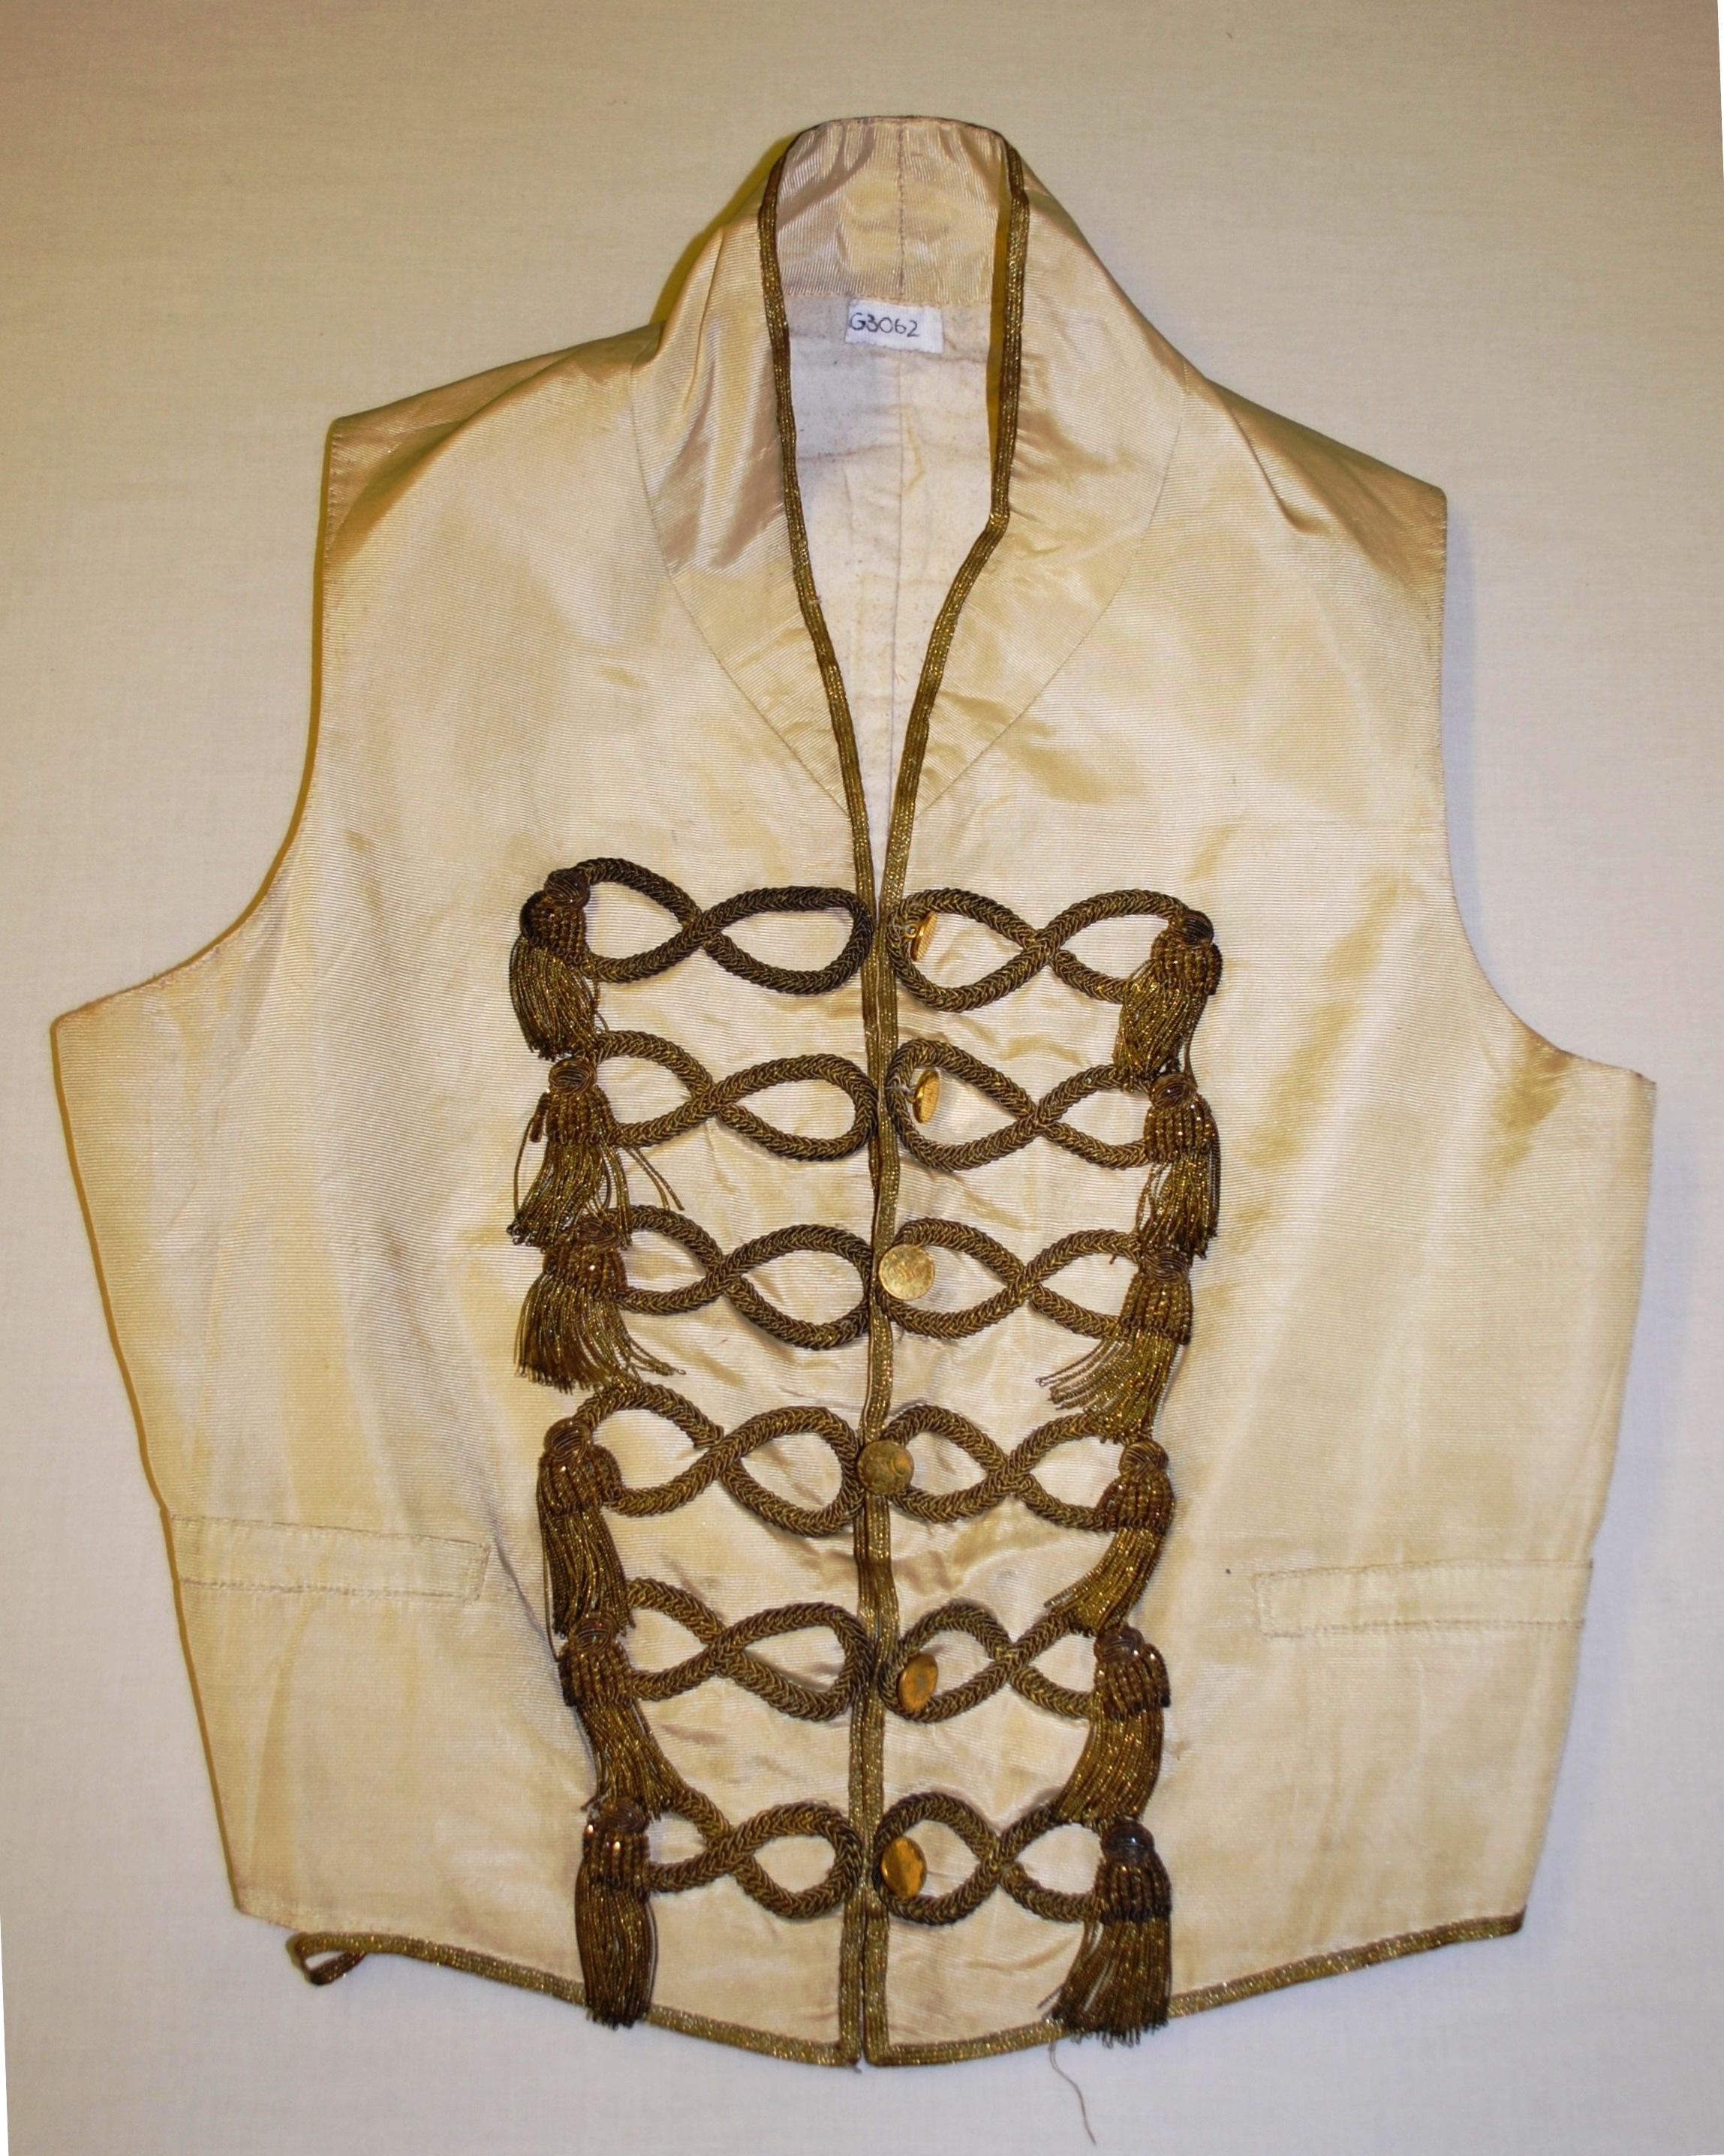 A waistcoat from 1830-1870